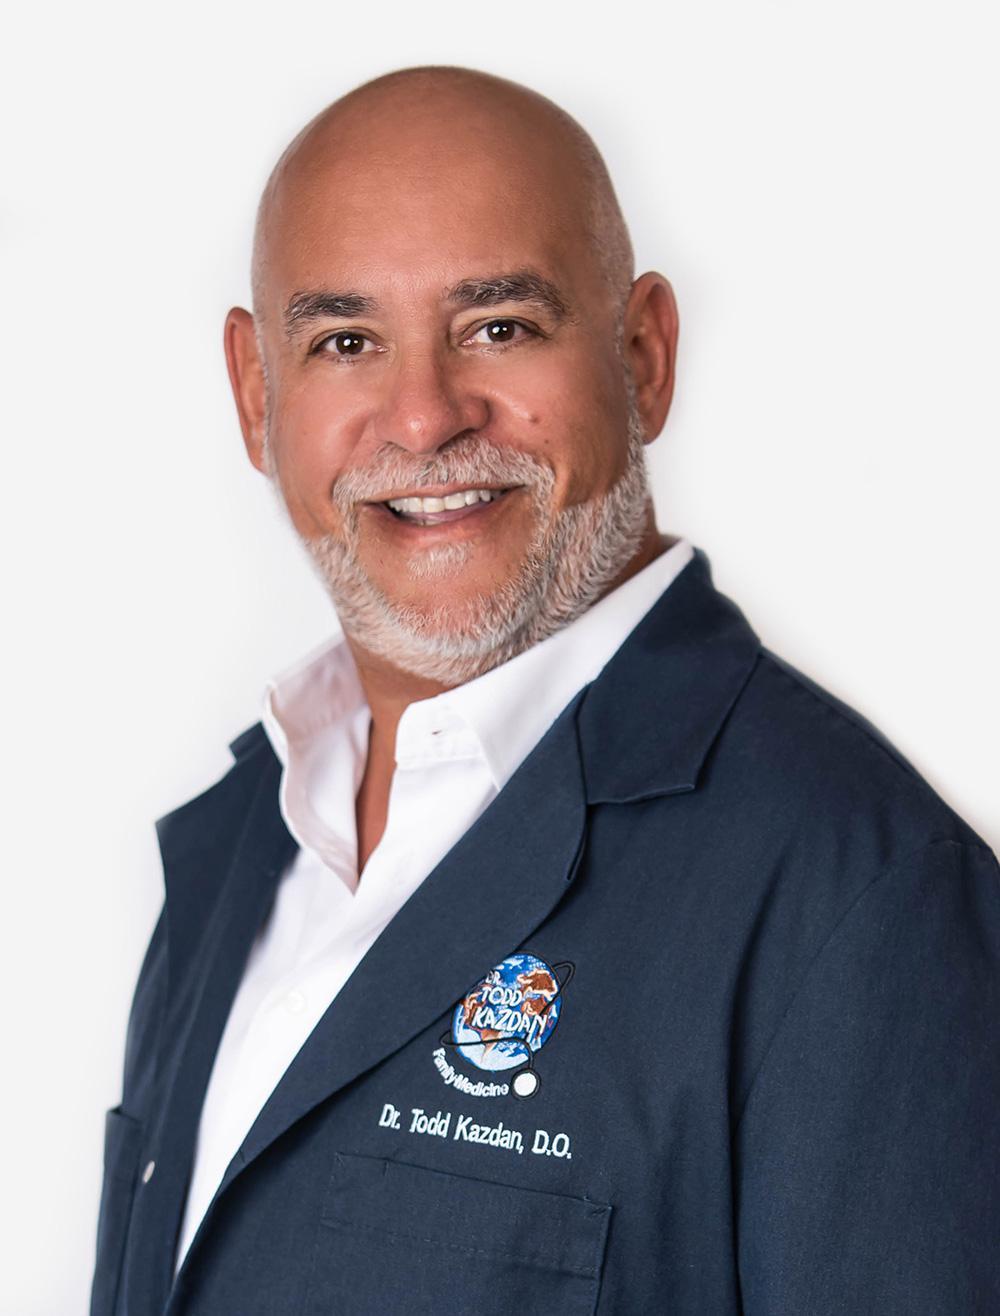 Dr. Todd Kazdan D.o., P